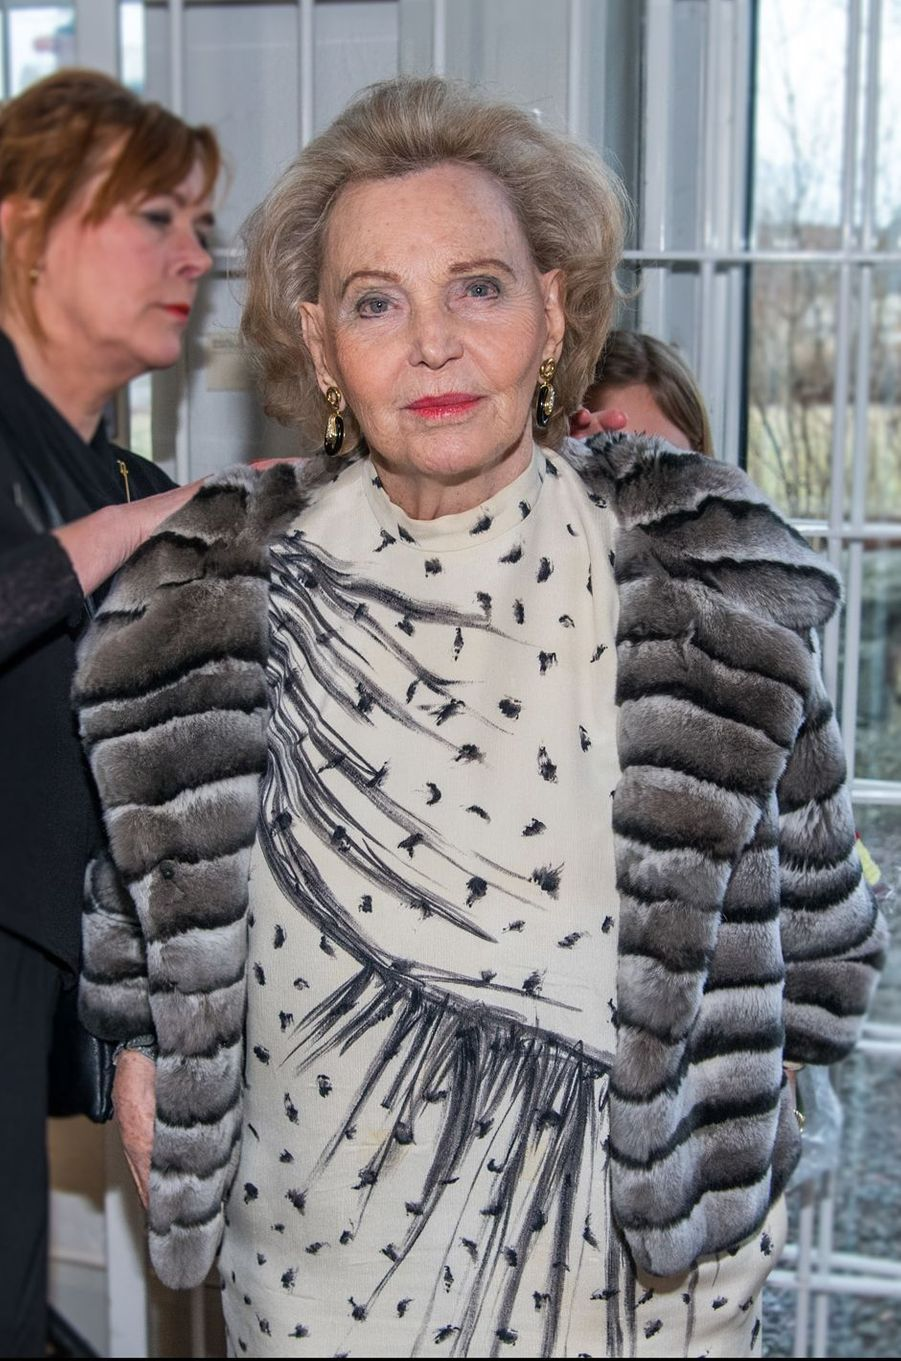 La comtesse Marianne Bernadotte à Stockholm, le 16 mars 2017